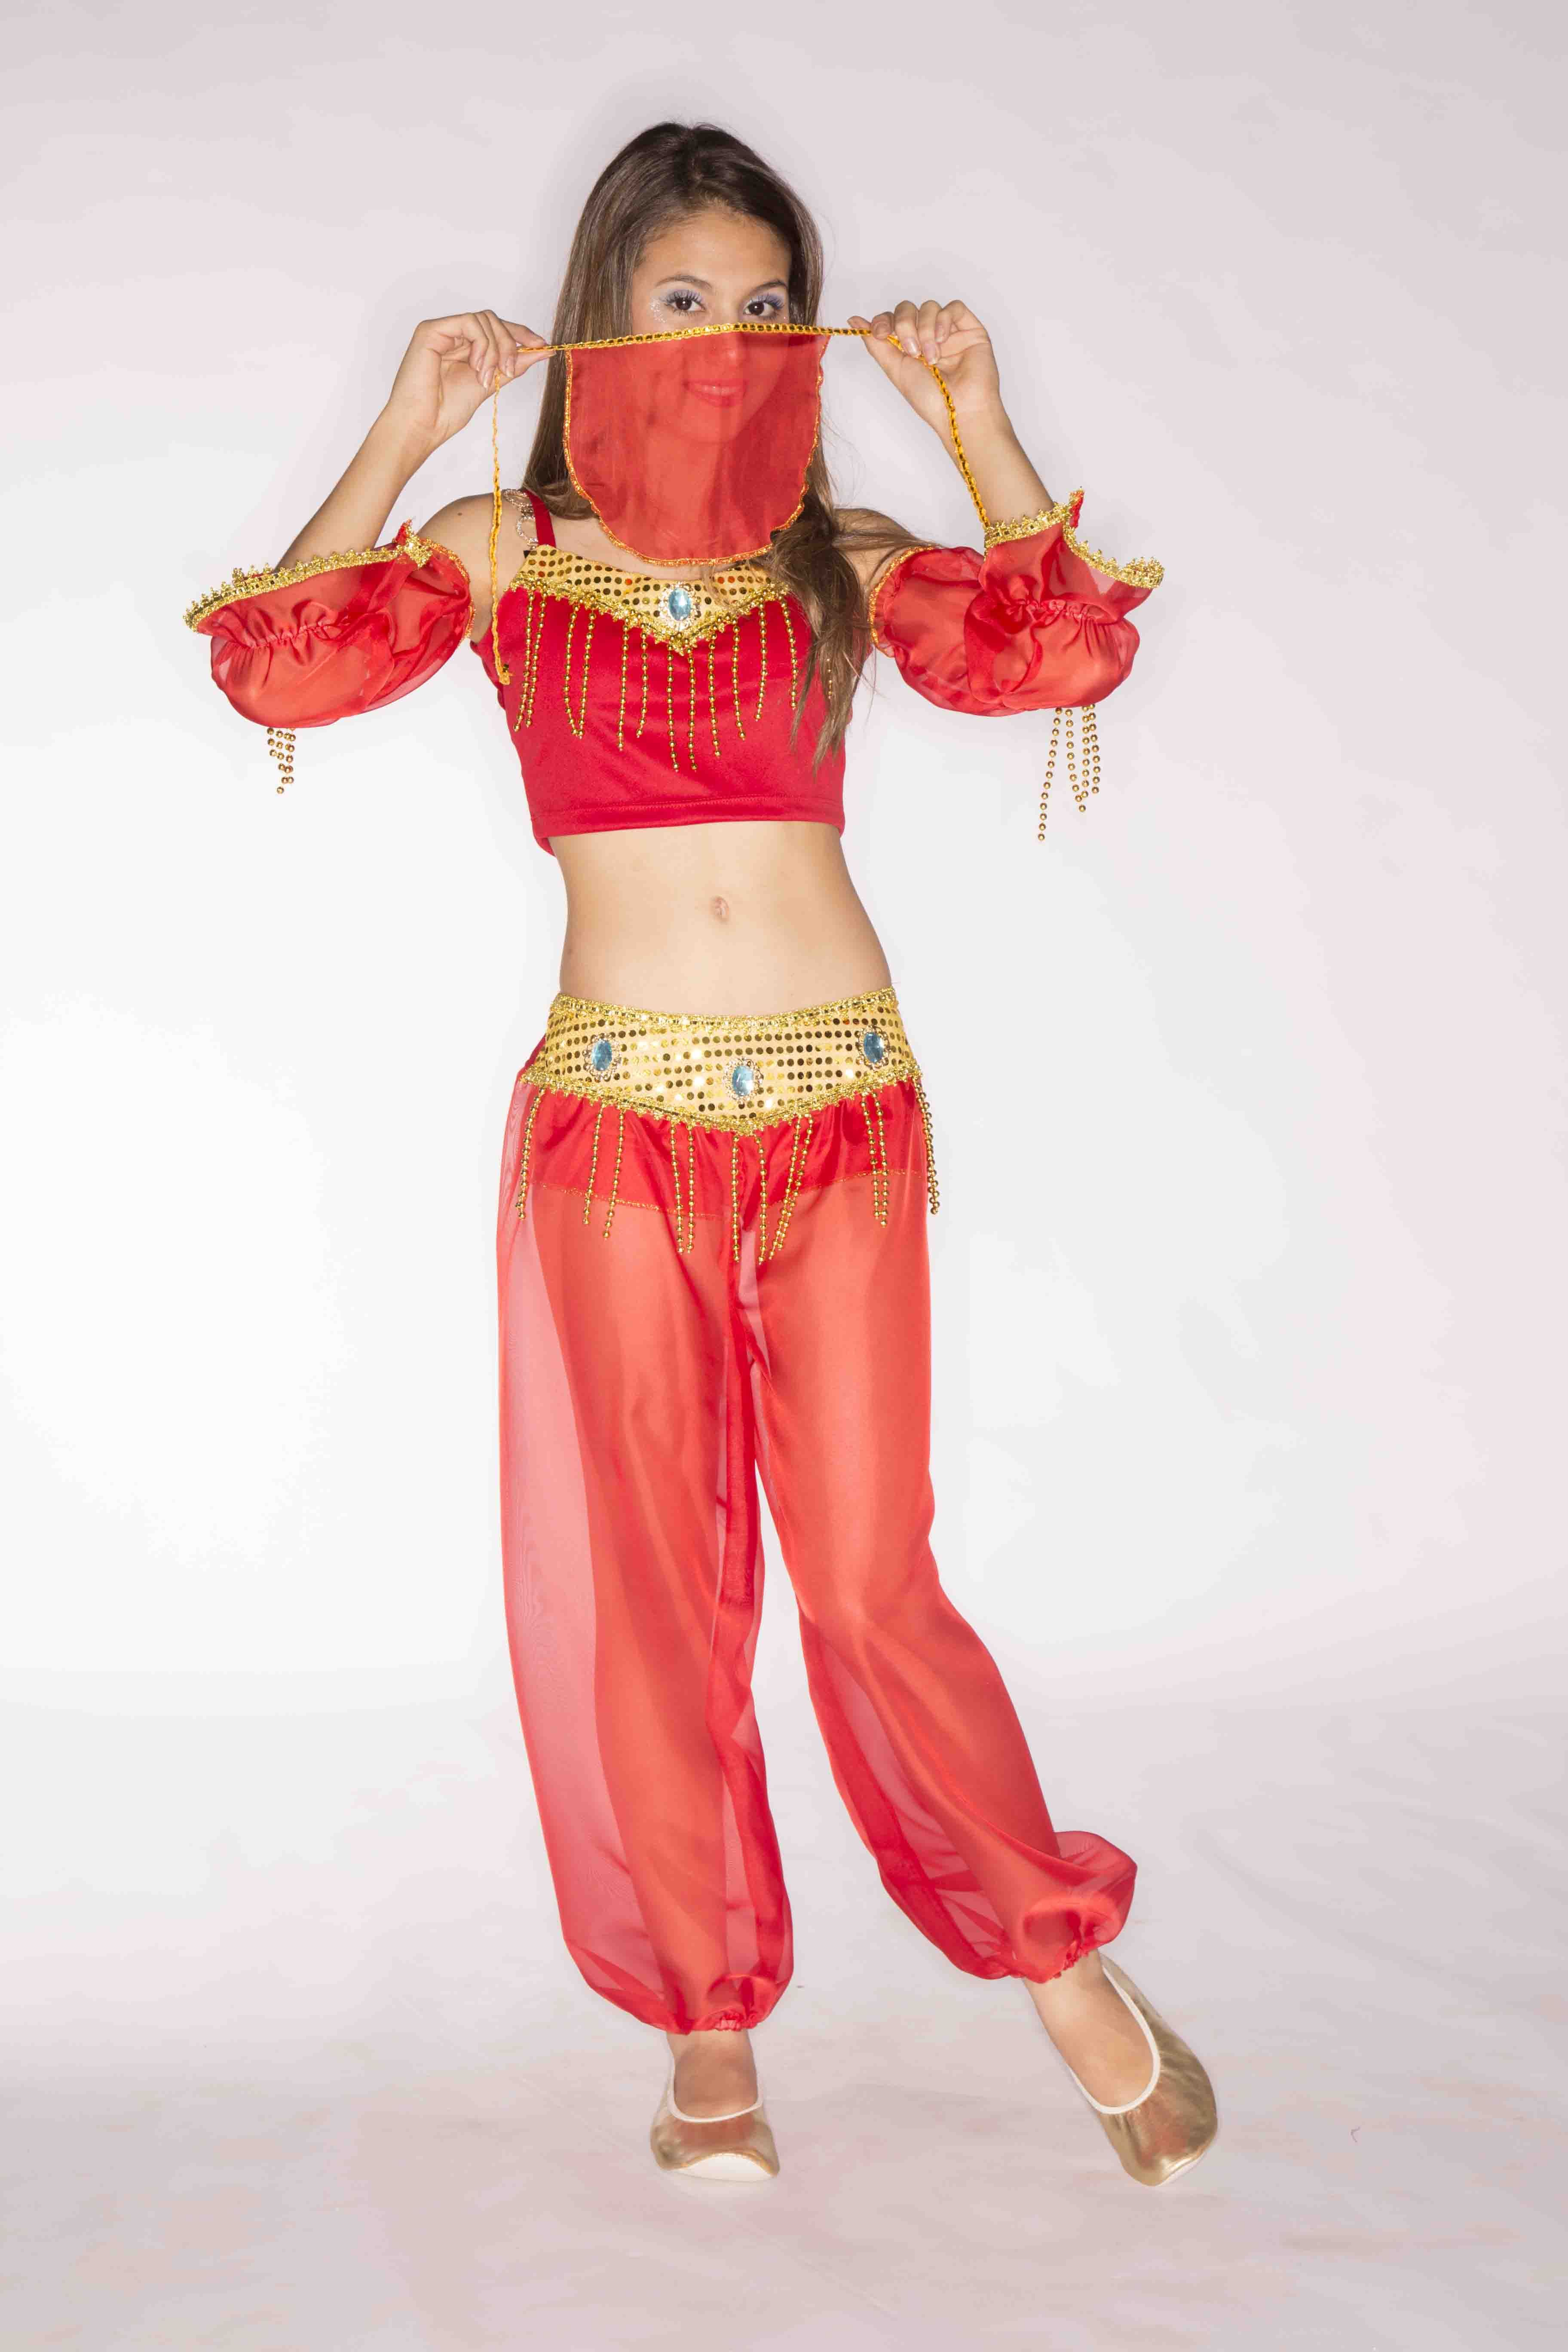 a36c237619a99d Odalisca | maquillaje halloween | Fantasias carnaval, Fantasias e ...